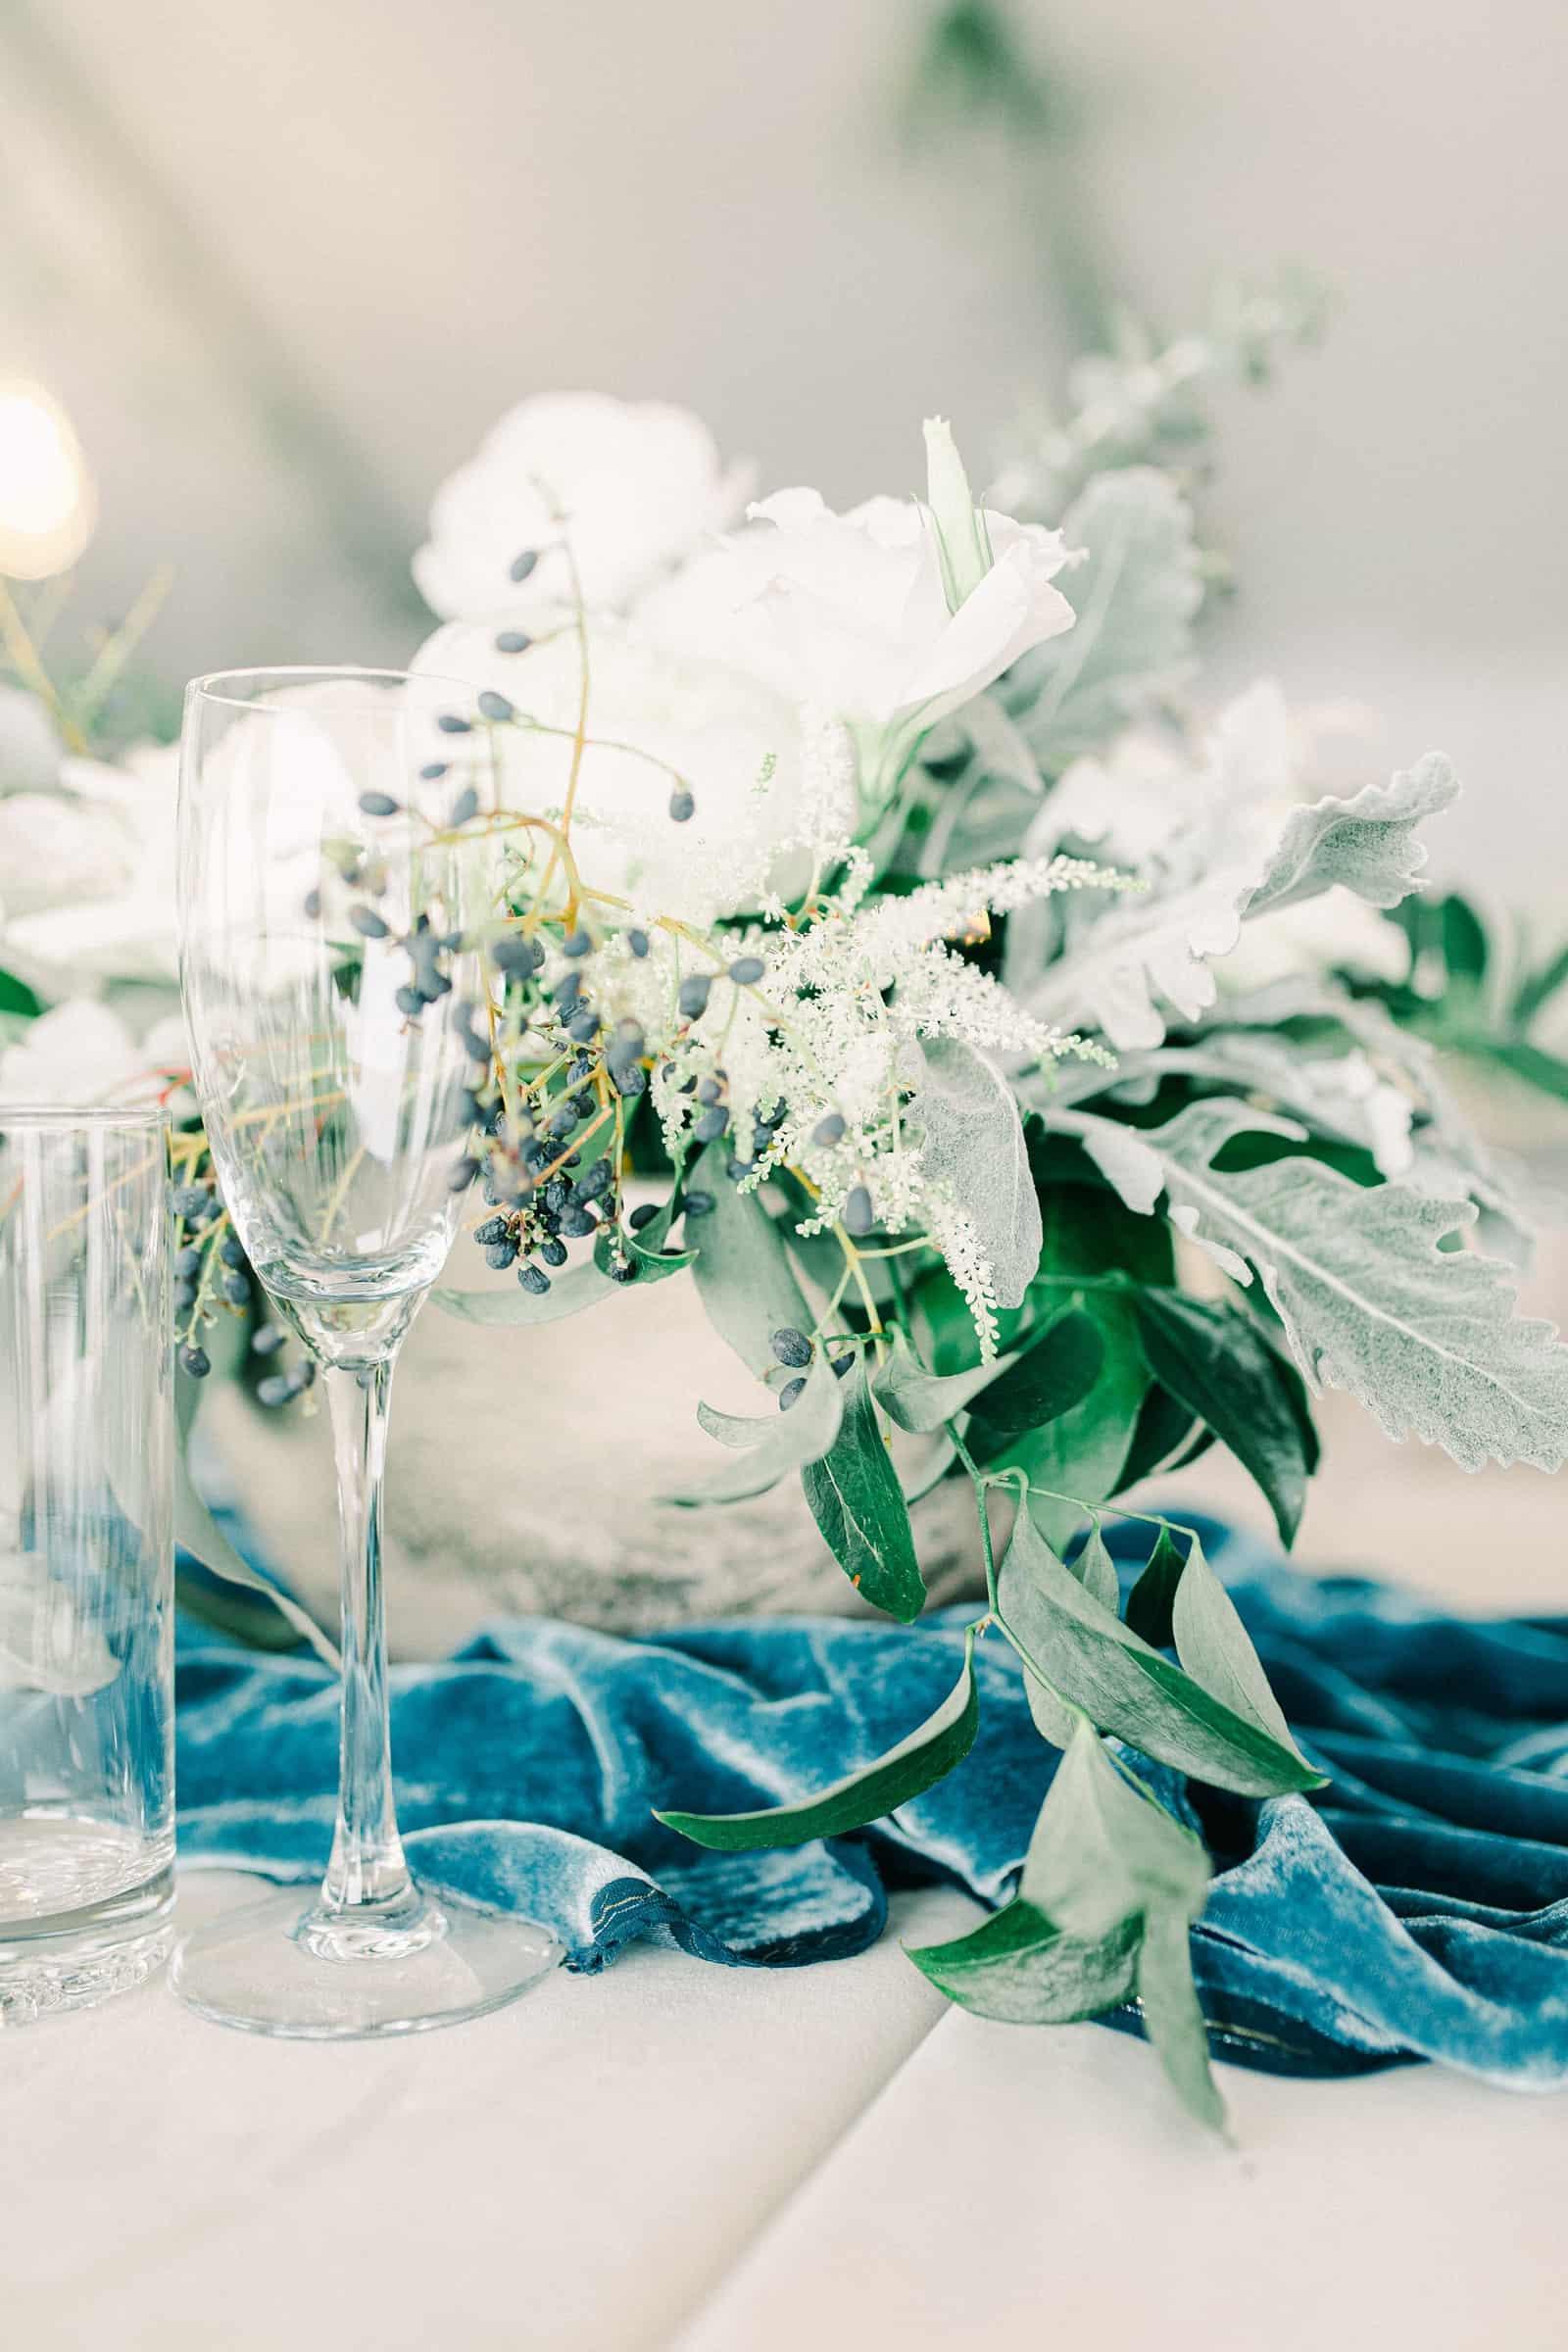 Winter wedding at Willowbridge Estate in Boise, Idaho, all white rose centerpieces with blue velvet runner